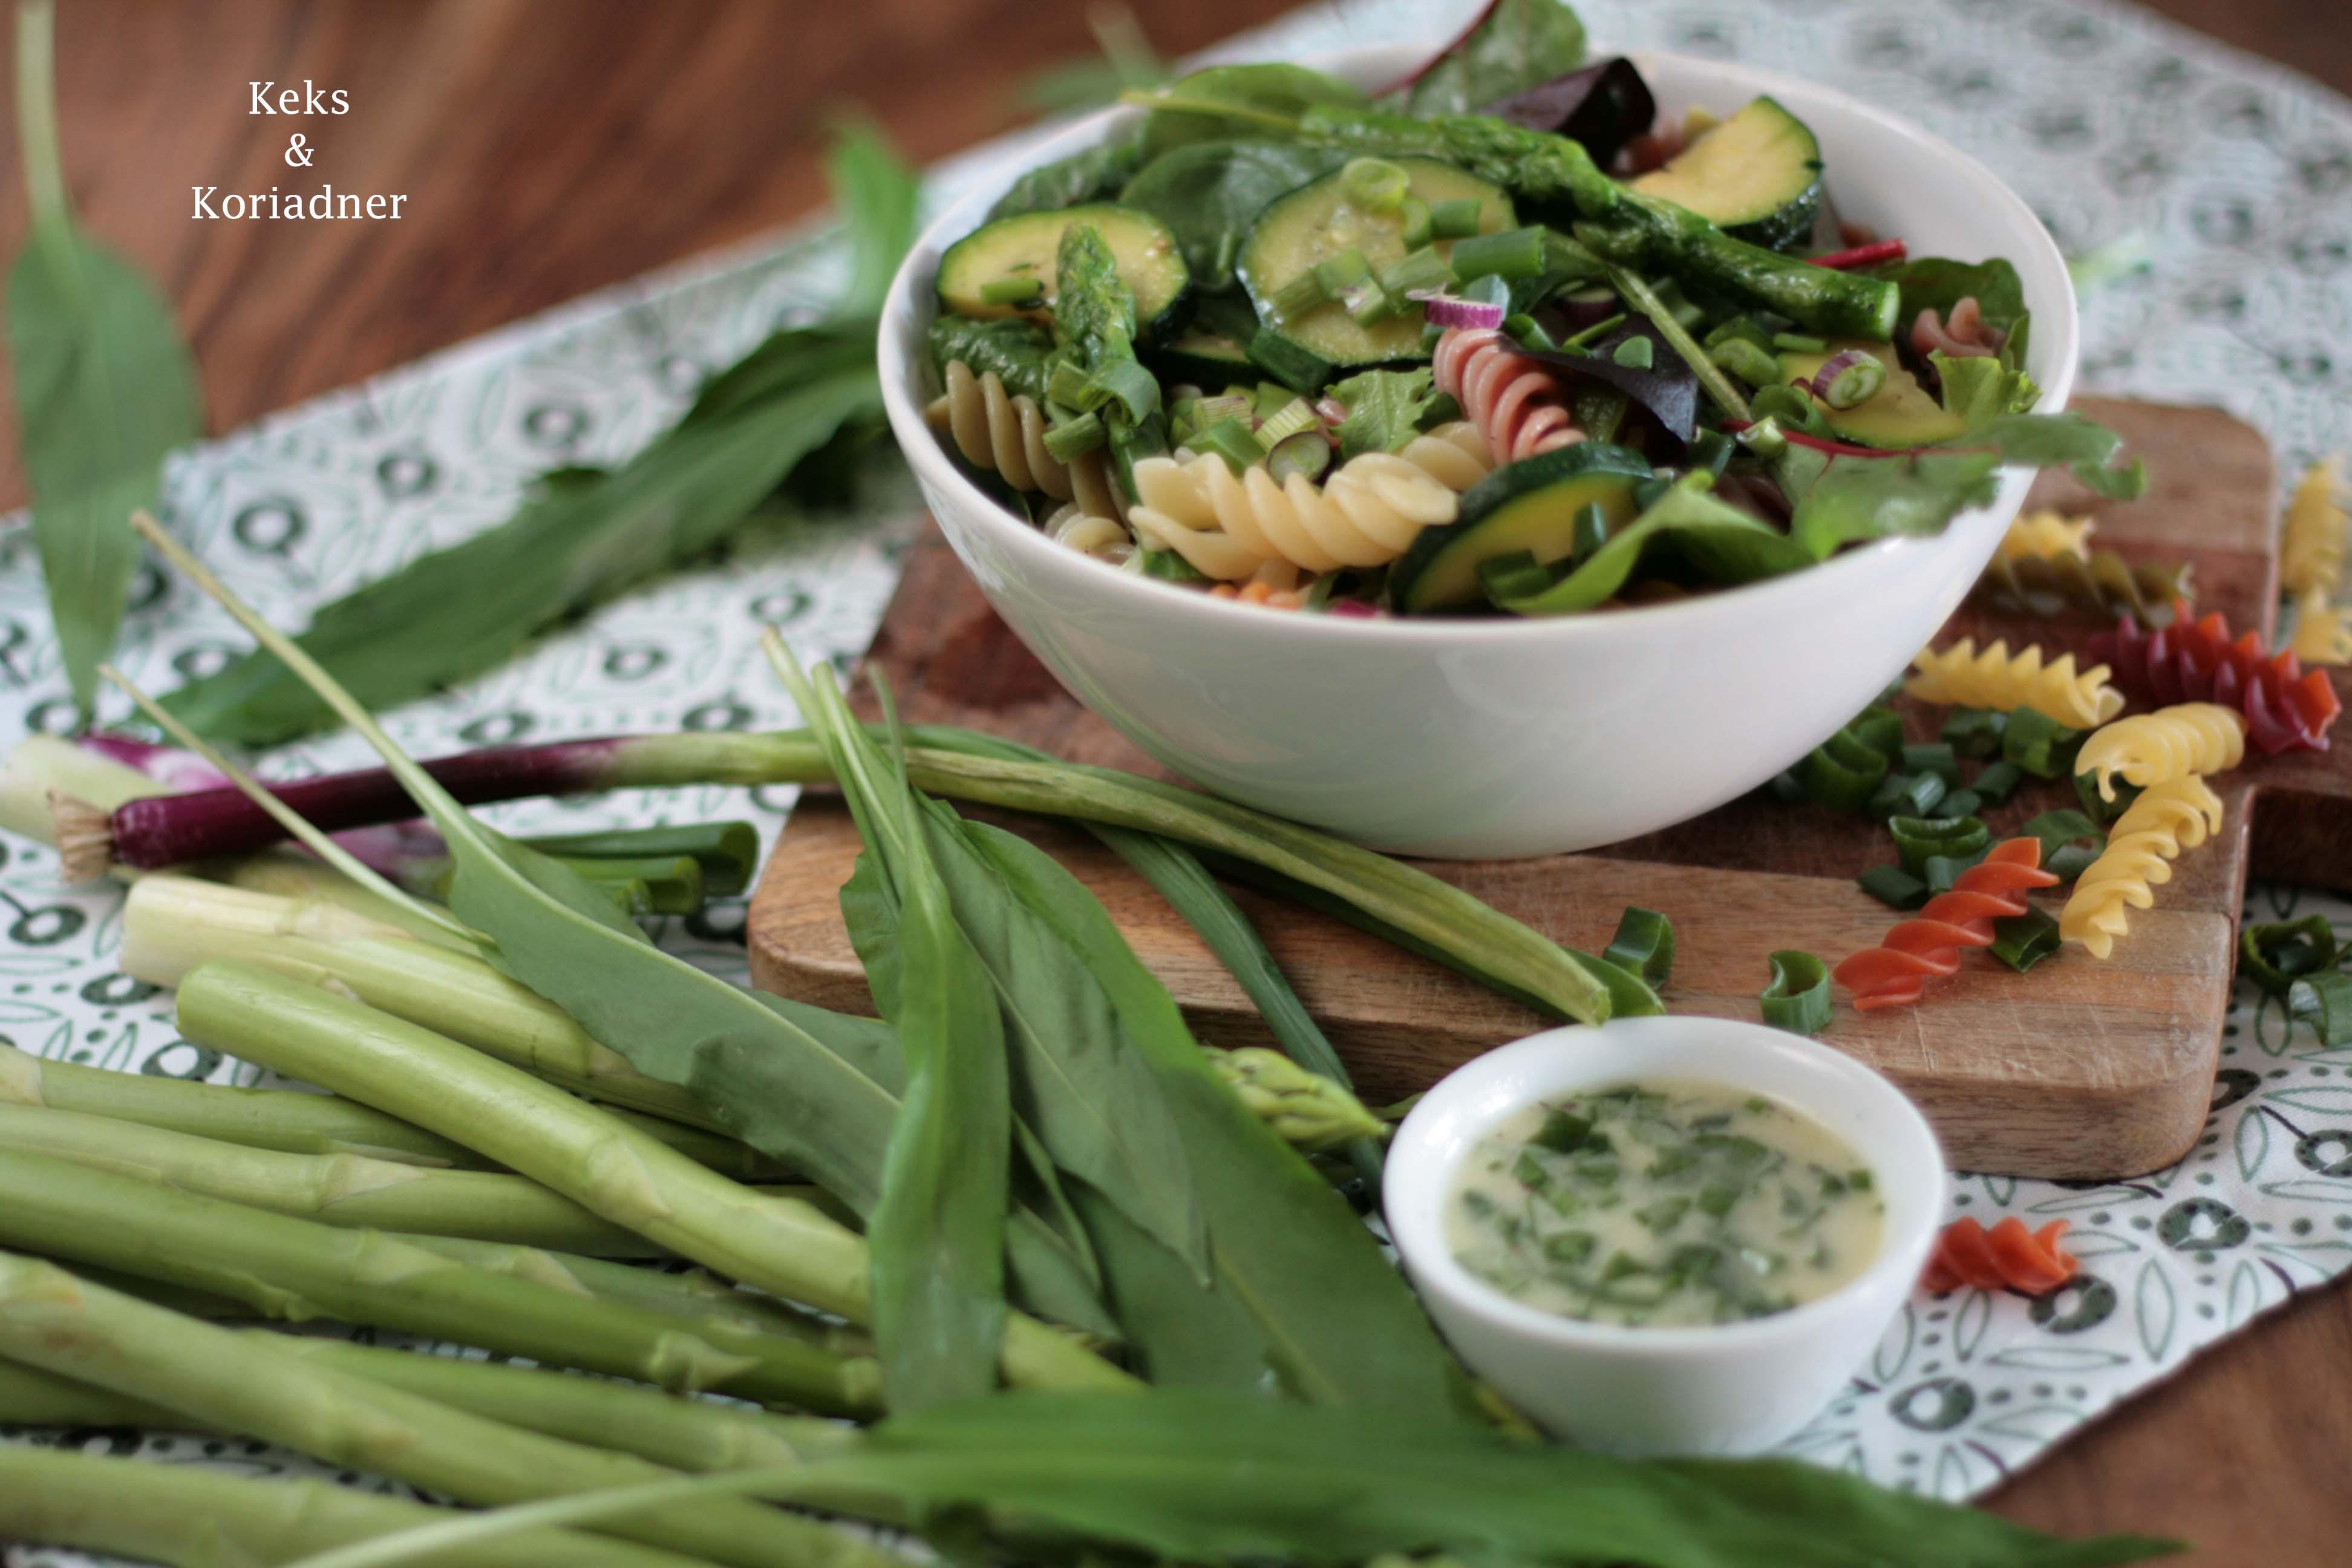 Nudelsalat mit grünem Spargel, Zucchini, Frühlingszwiebeln und Bärlauchdressing4